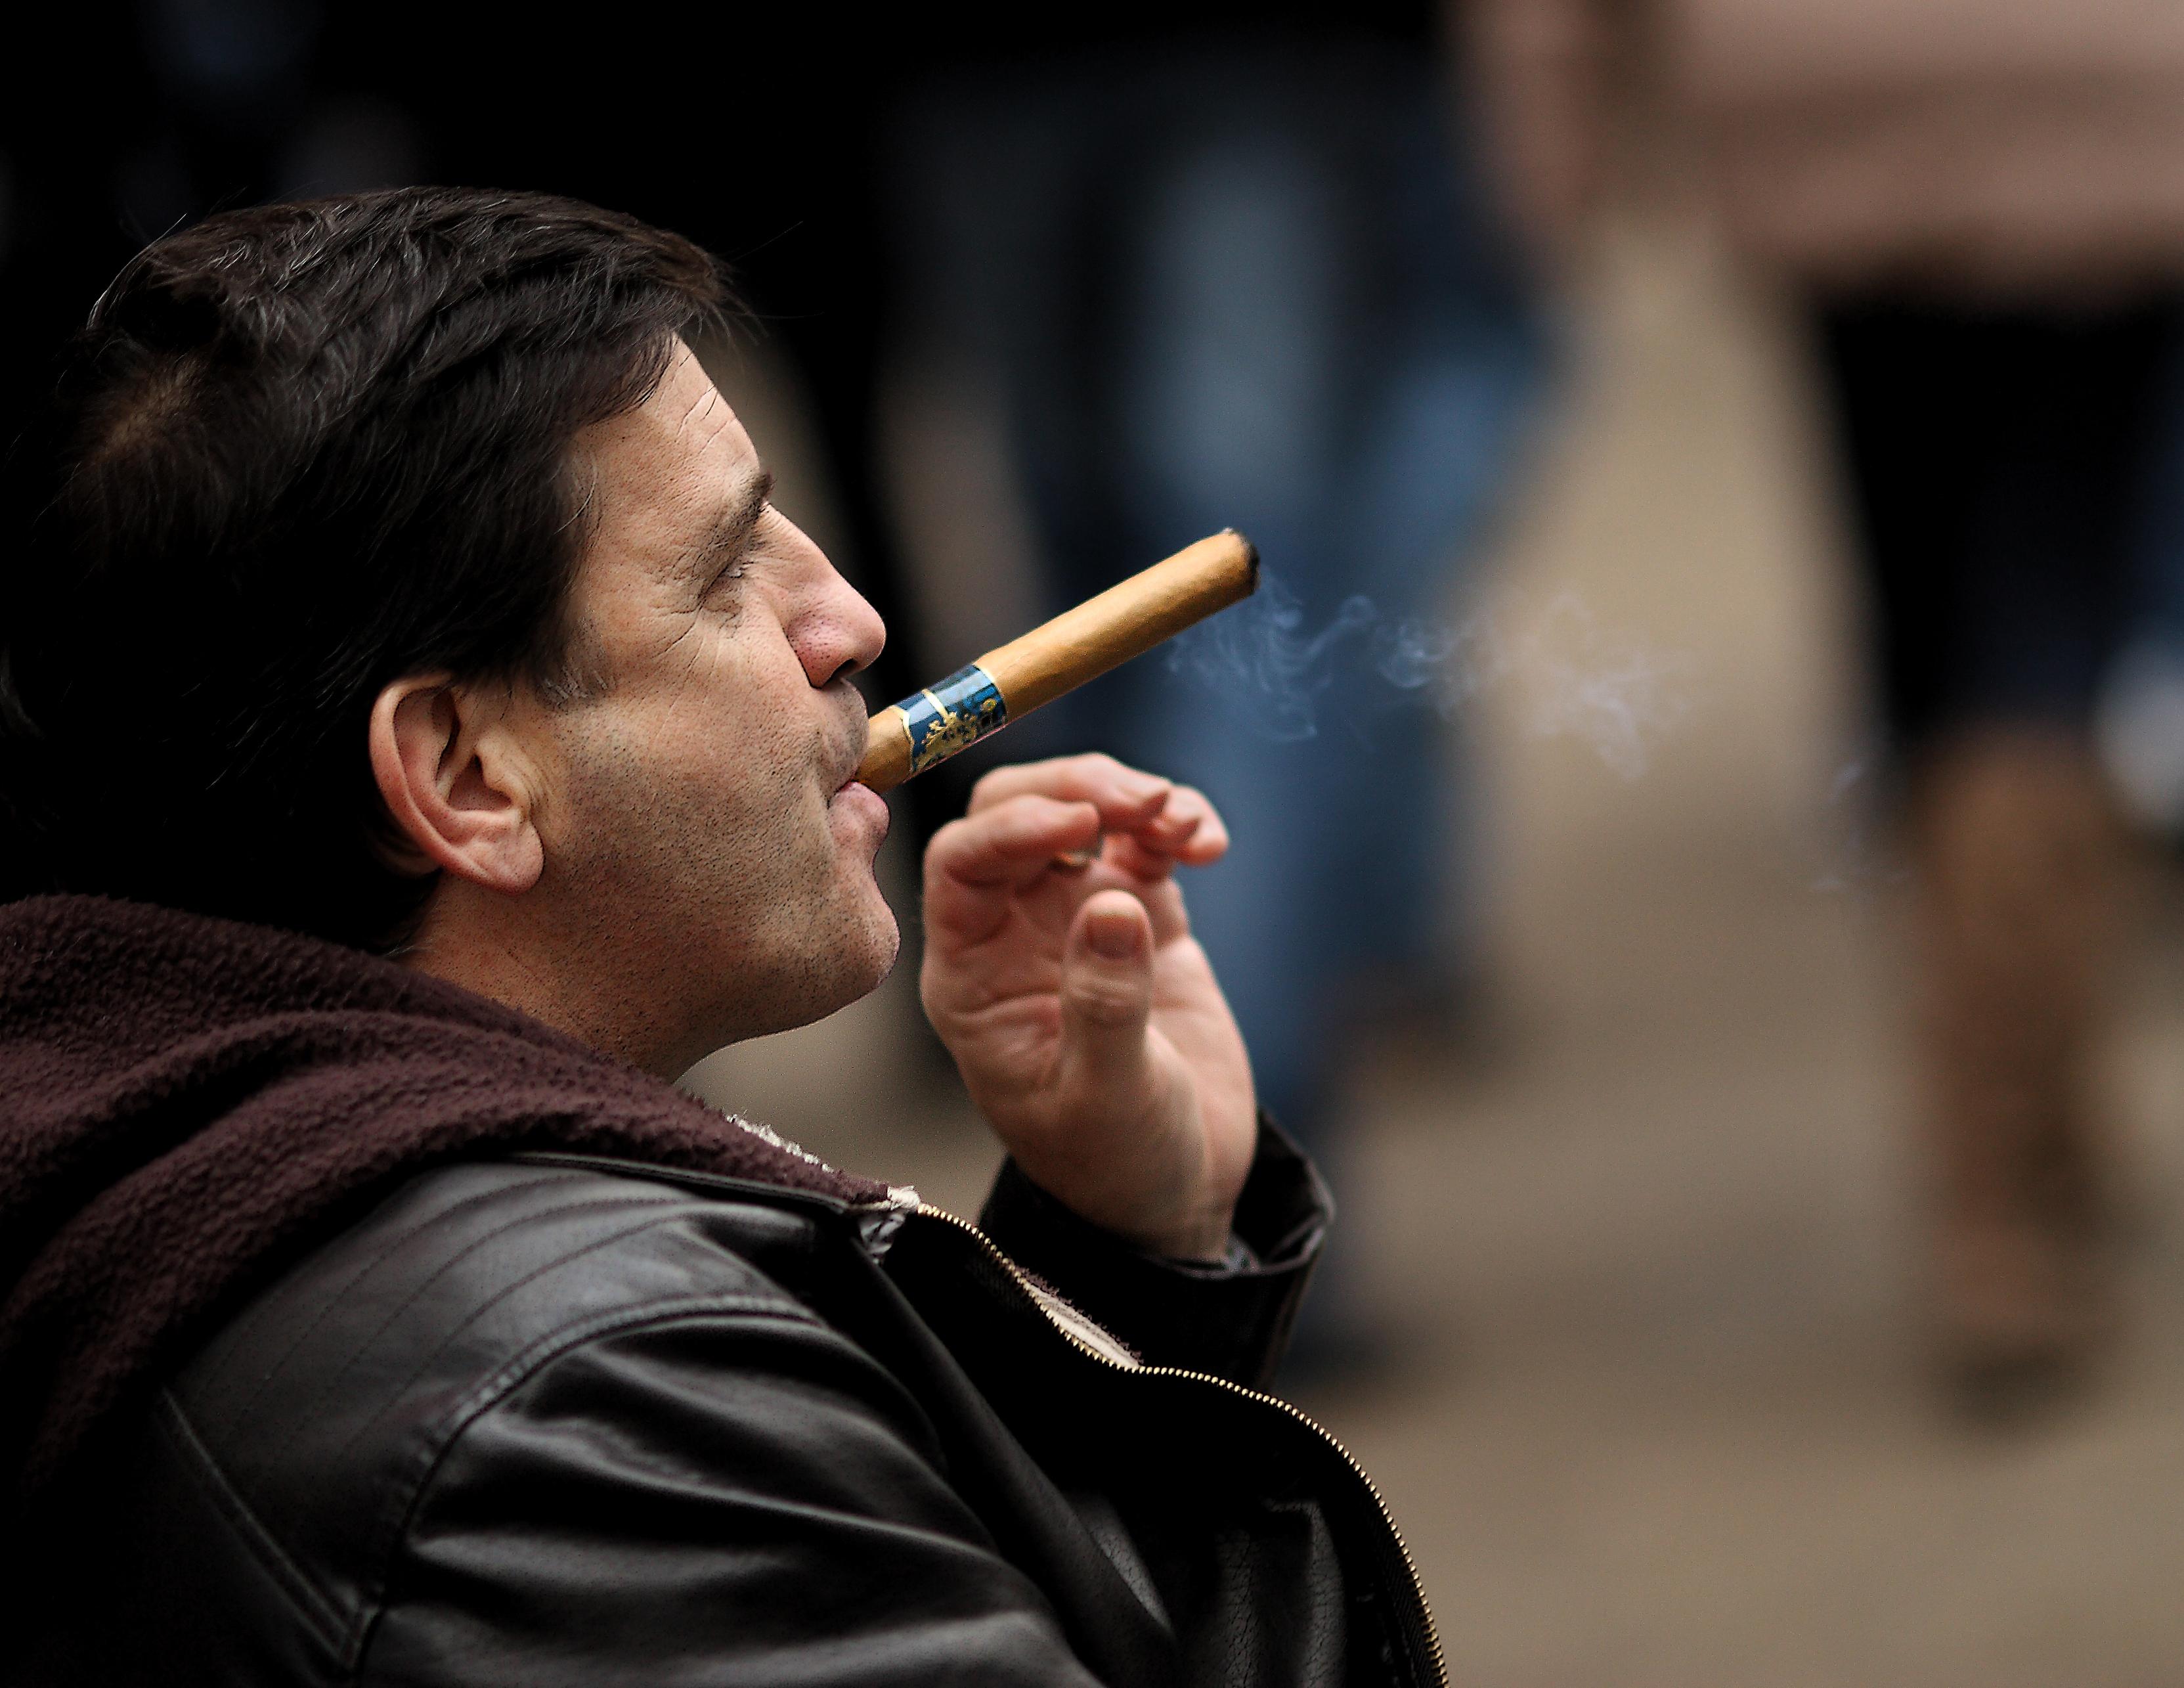 толстый мужик с сигаретой фото помни этом